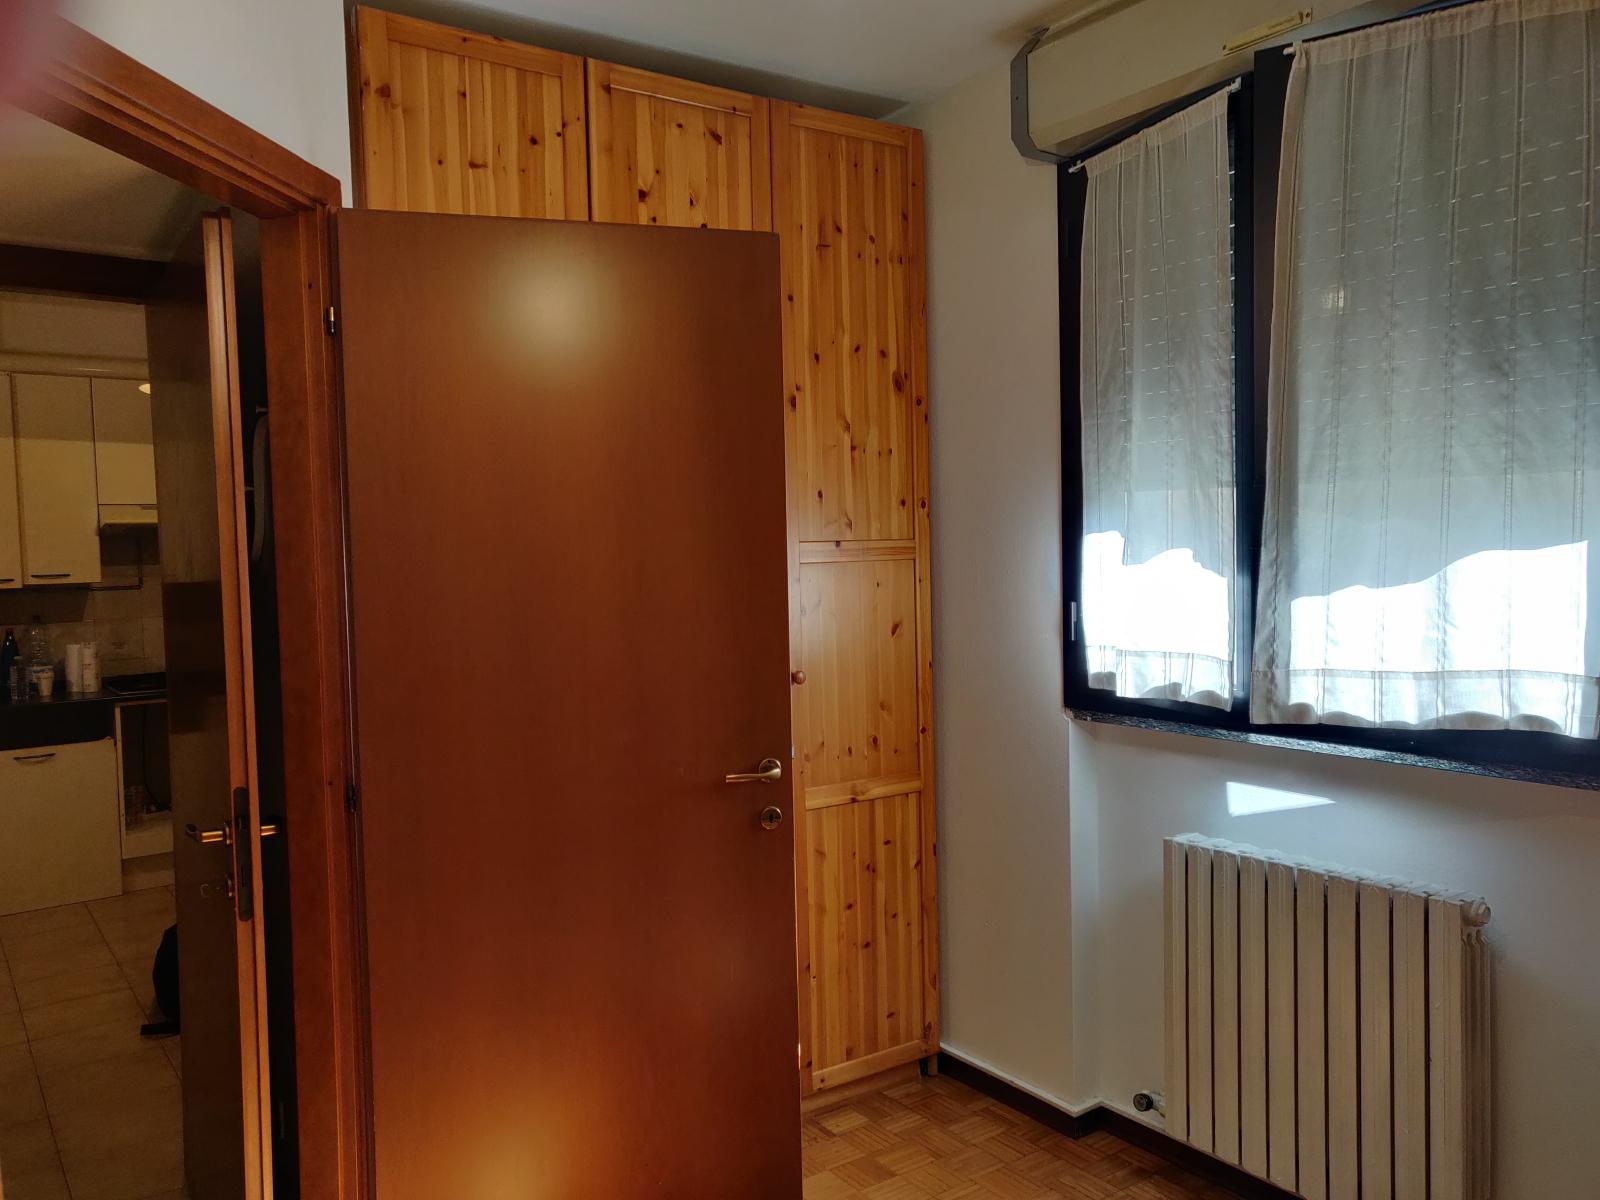 appartamento-in-vendita-bilocale-2-locali-milano-baggio-cividale-del-friuli-spaziourbano-immobiliare-vende-4